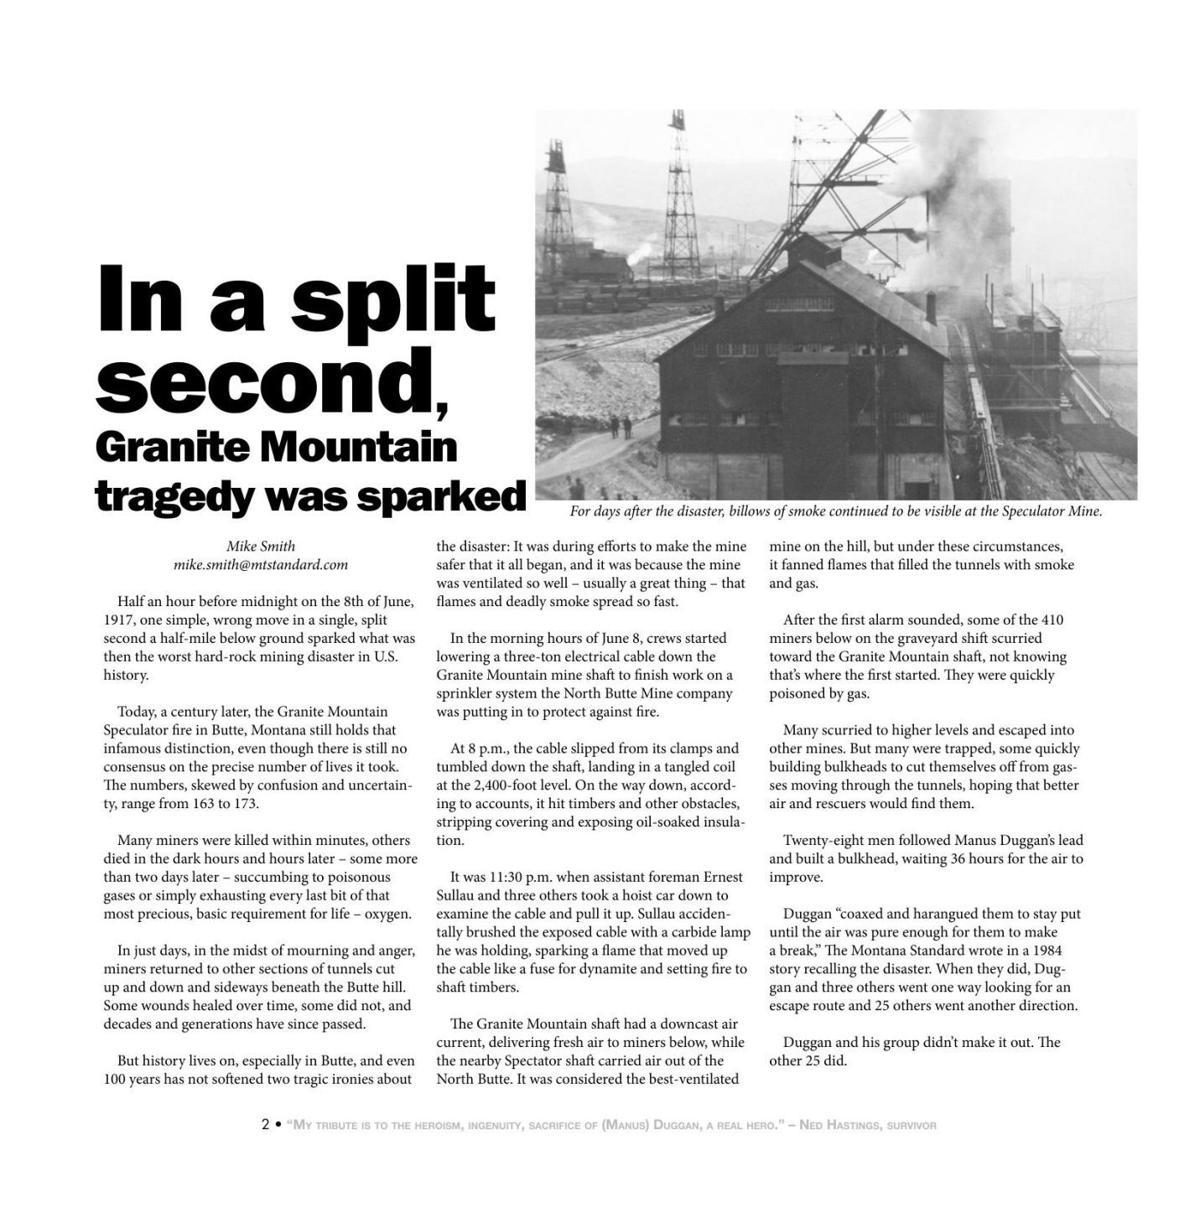 Granite Mountain Speculator Disaster 100 year anniversary 02.jpg